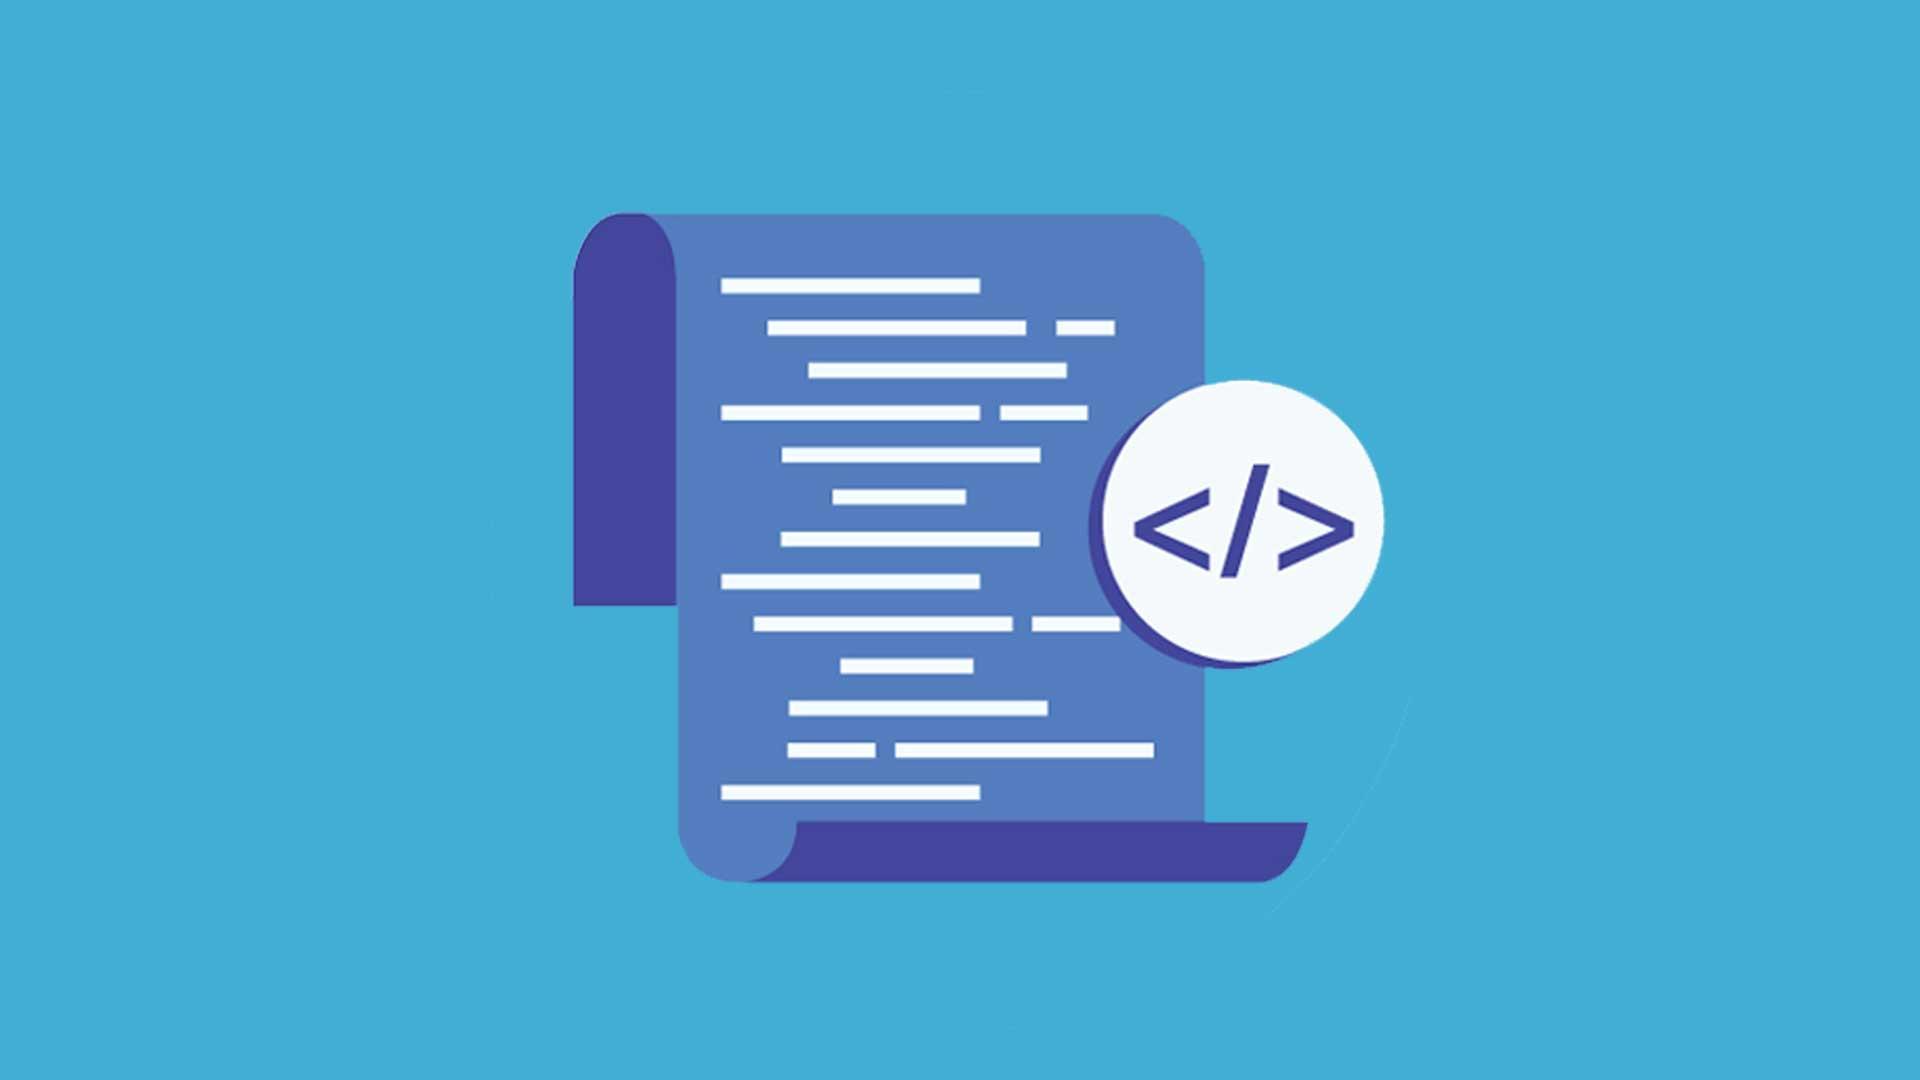 Curso de CSS3 Aula 01 - Sintaxe, seletores e conceitos | Curso de HTML5 Aula 11